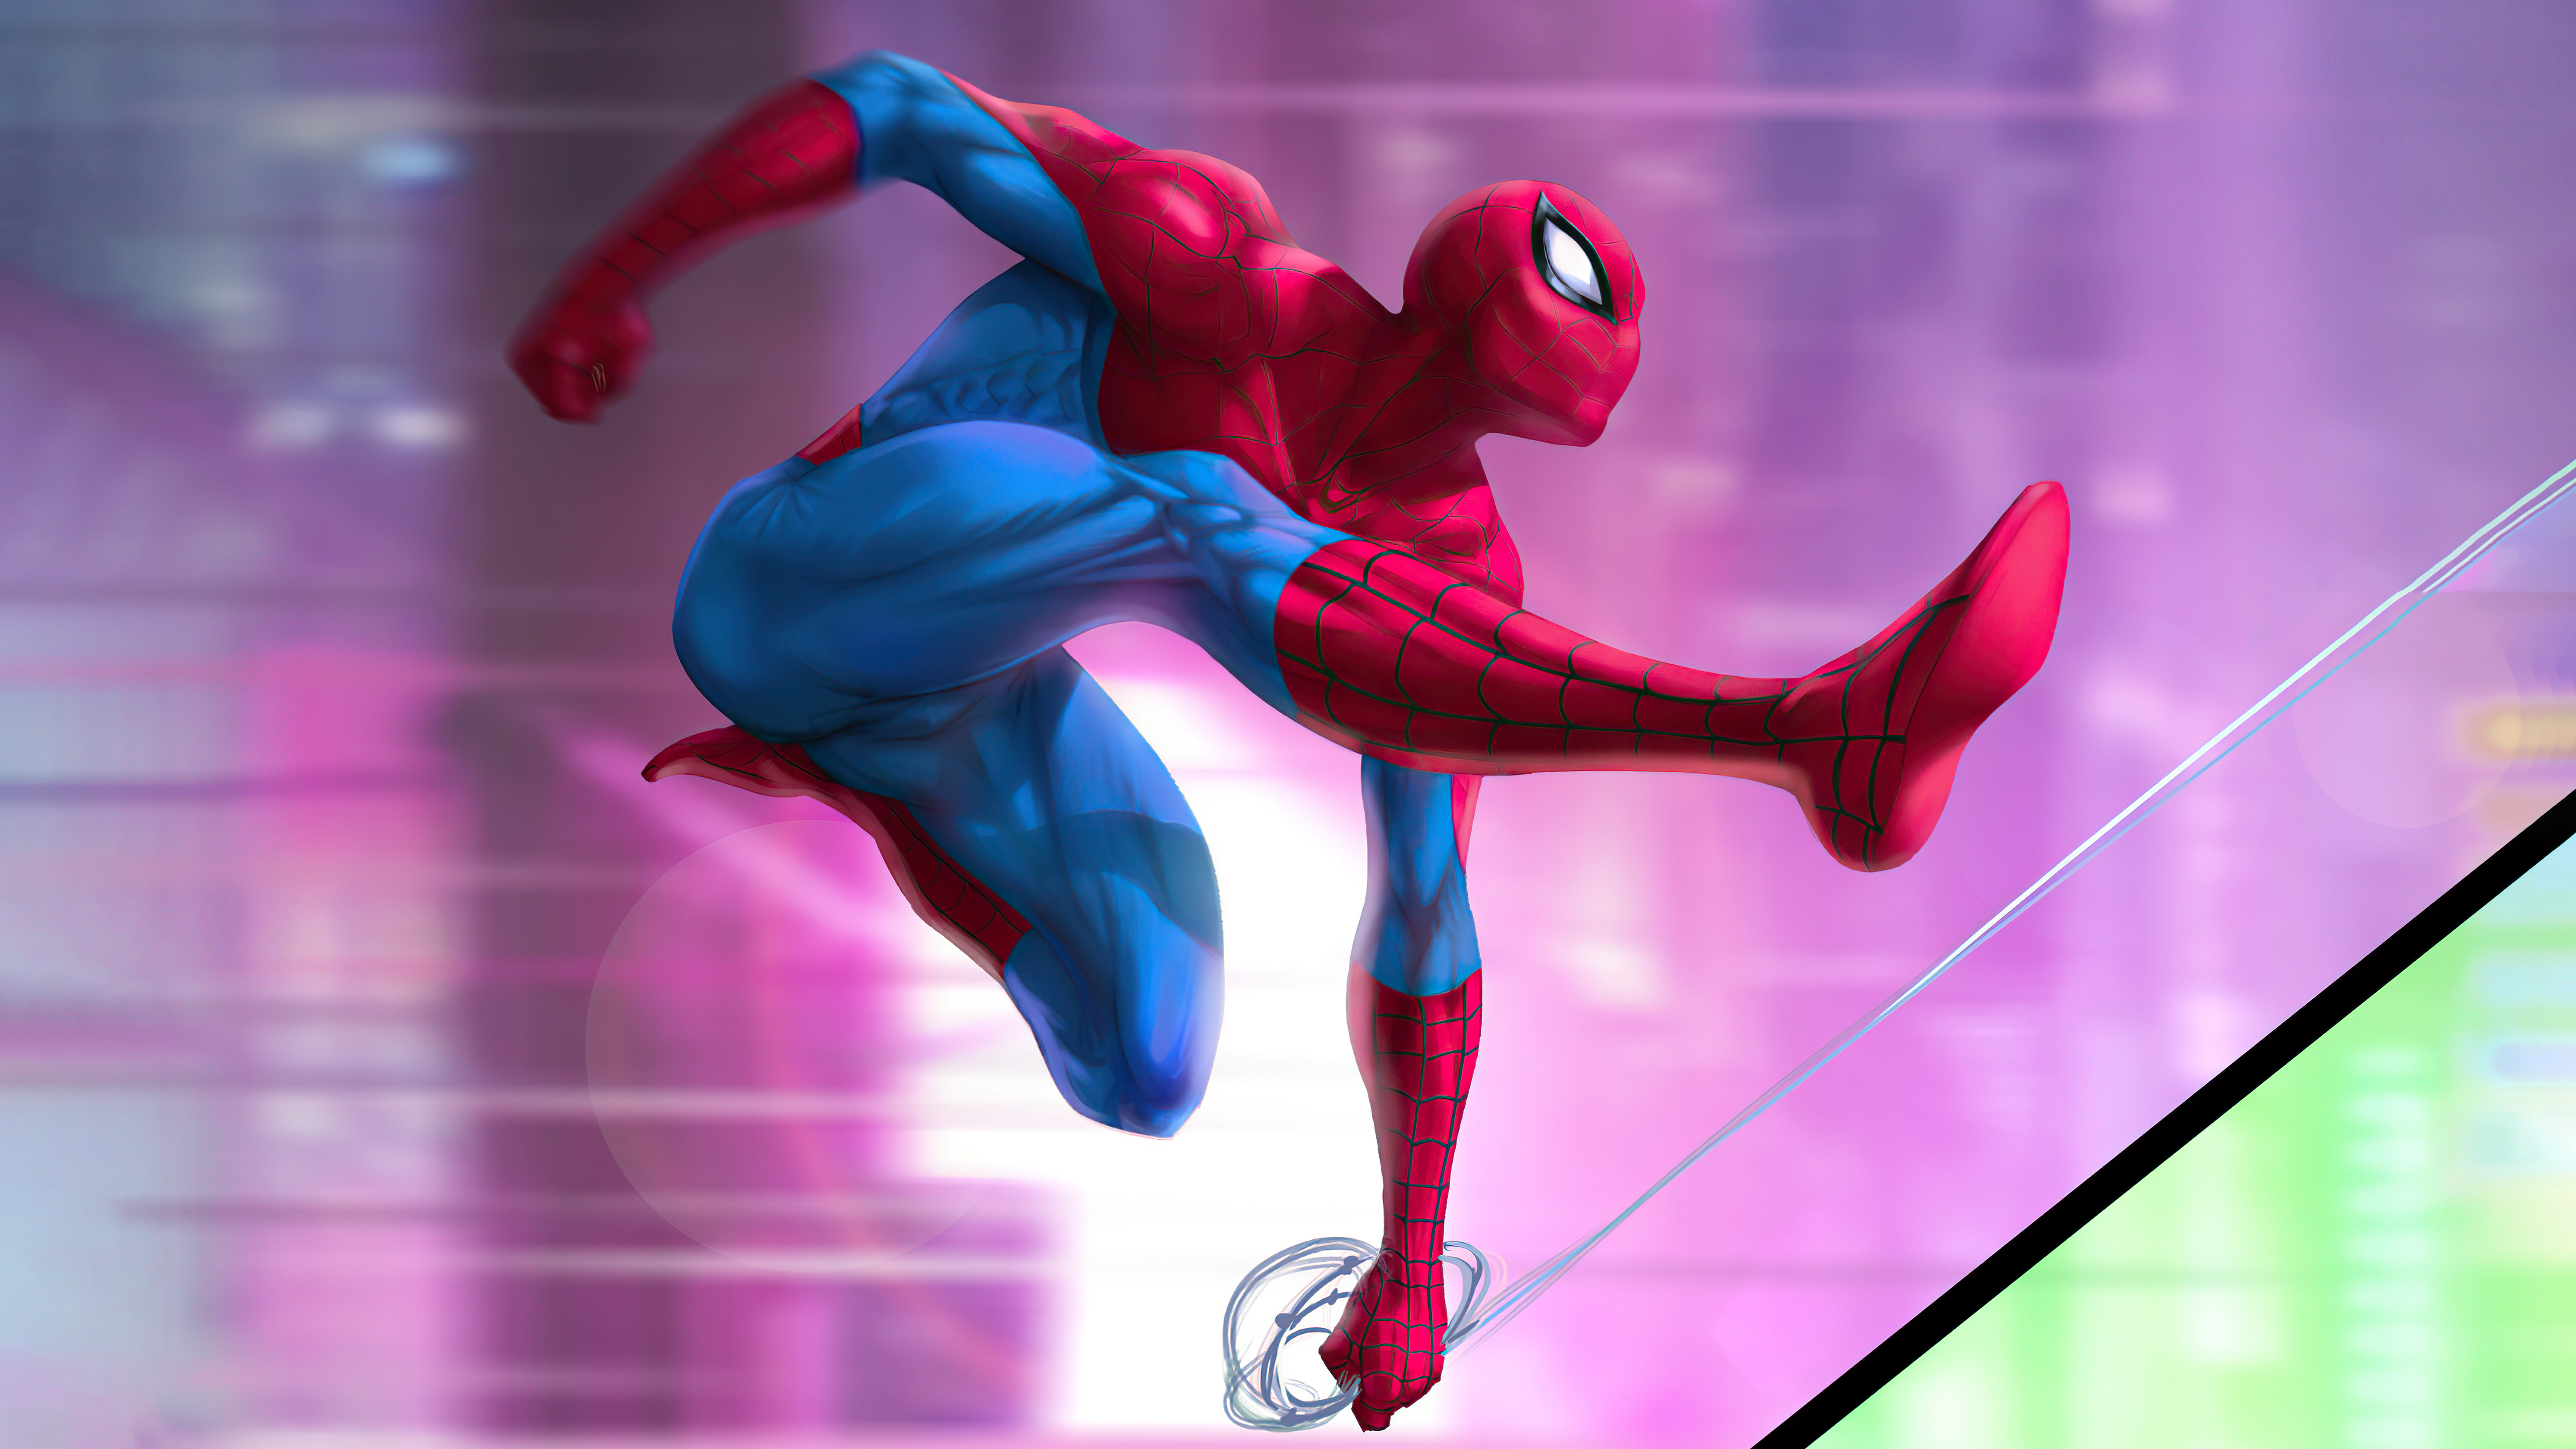 Wallpaper Spider Man jumping Digital Illustration